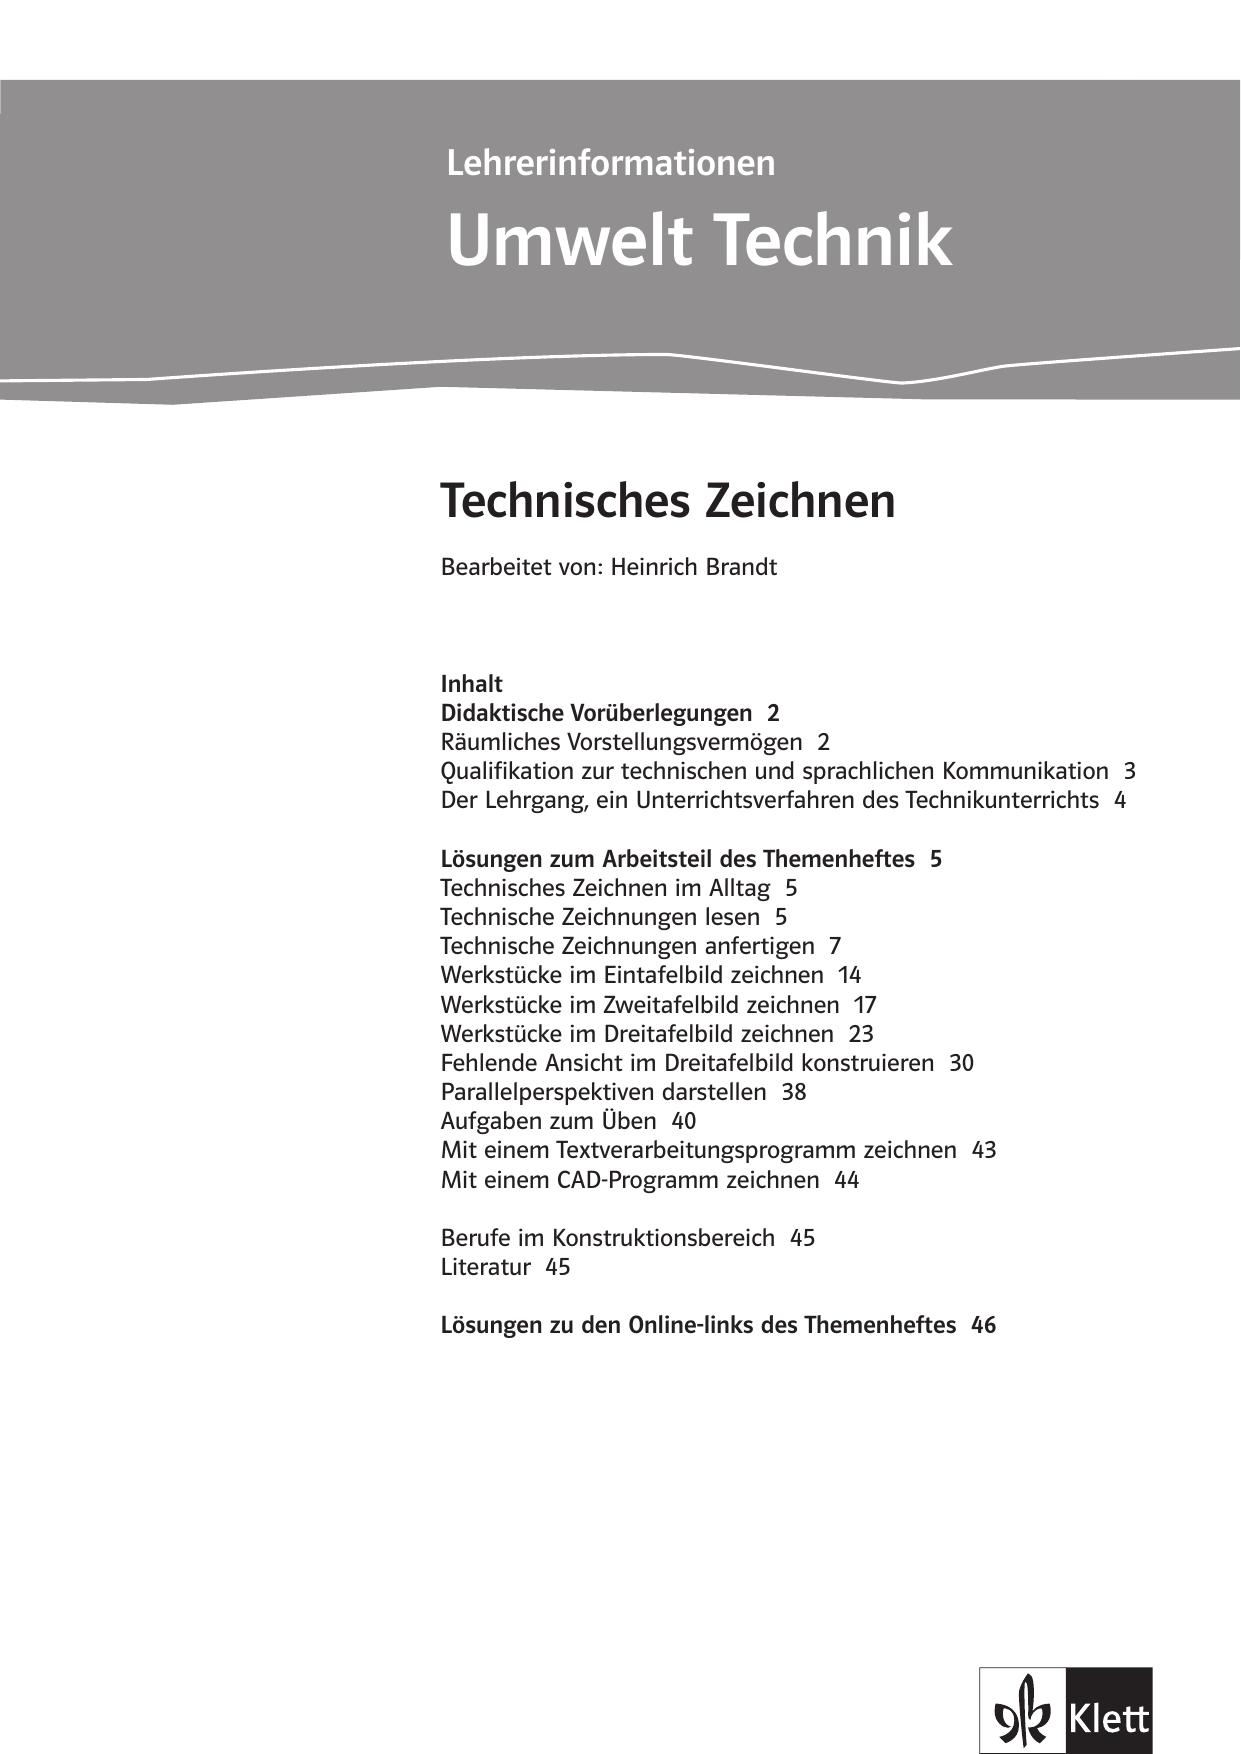 Umwelt Technik - Ernst Klett Verlag | manualzz.com